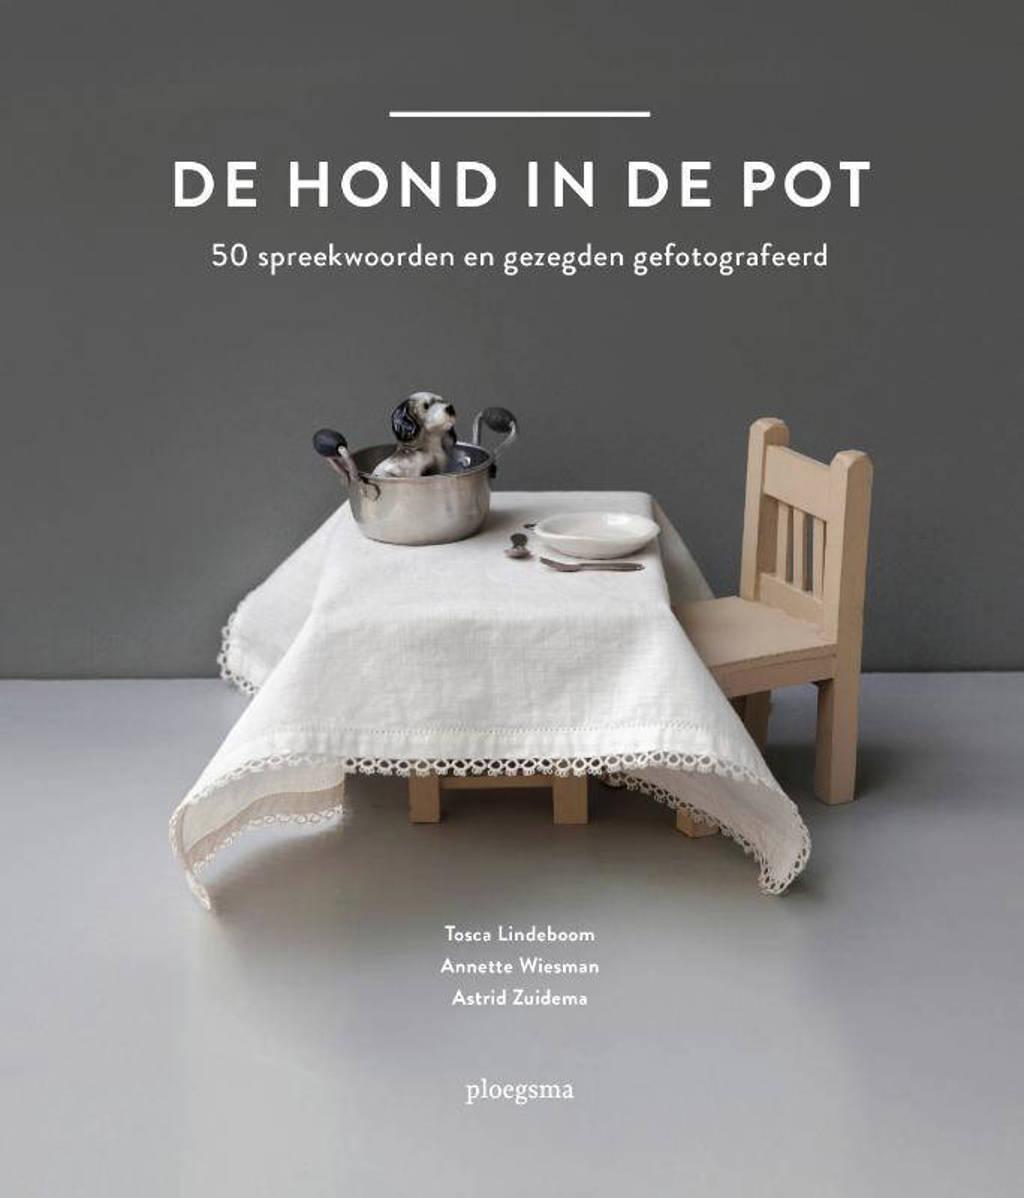 De hond in de pot - Tosca Lindeboom, Annette Wiesman en Astrid Zuidema